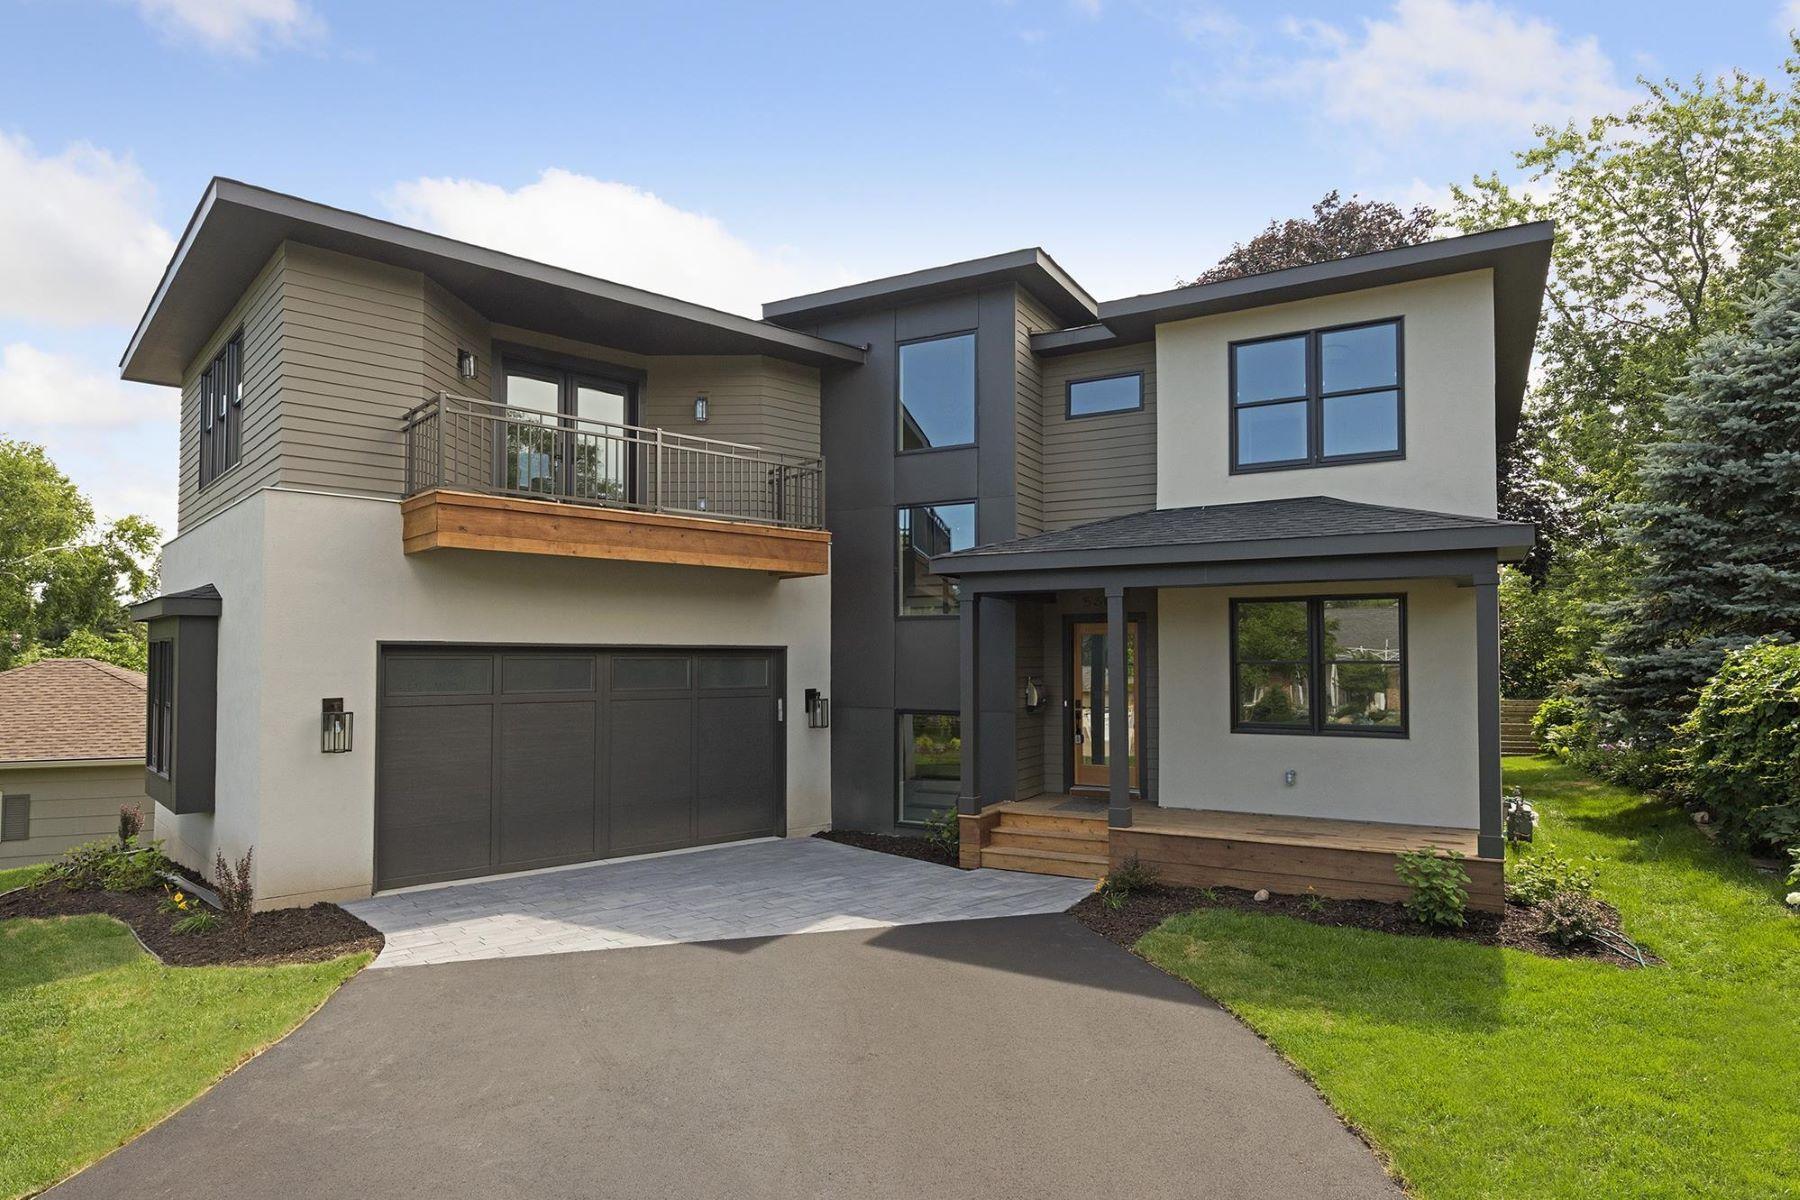 独户住宅 为 销售 在 5609 Chowen Avenue South 明尼阿波利斯市, 明尼苏达州, 55410 美国